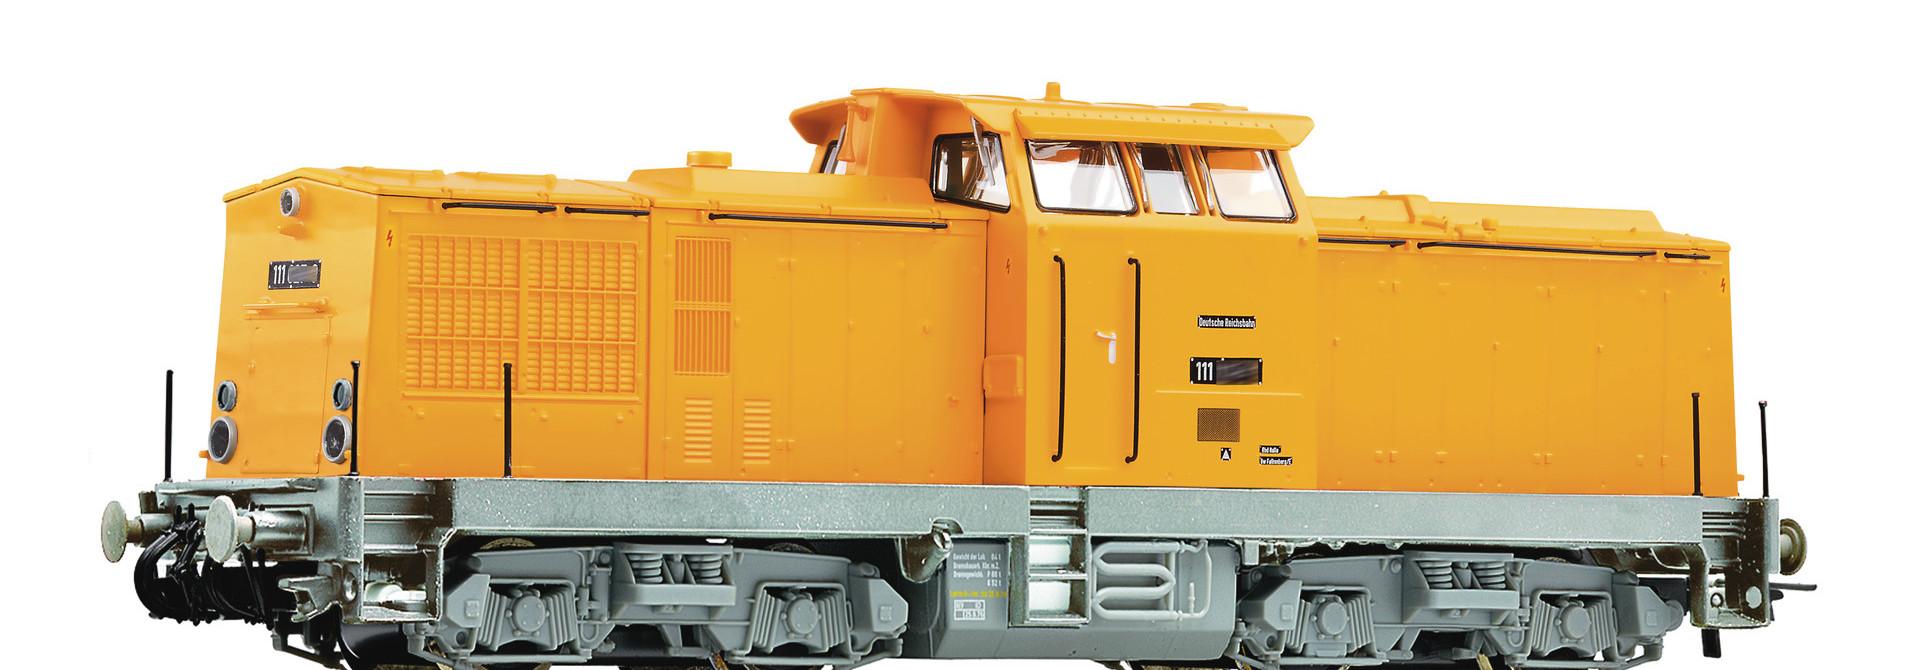 70814 Diesellok BR 111 gelb HE-Snd.